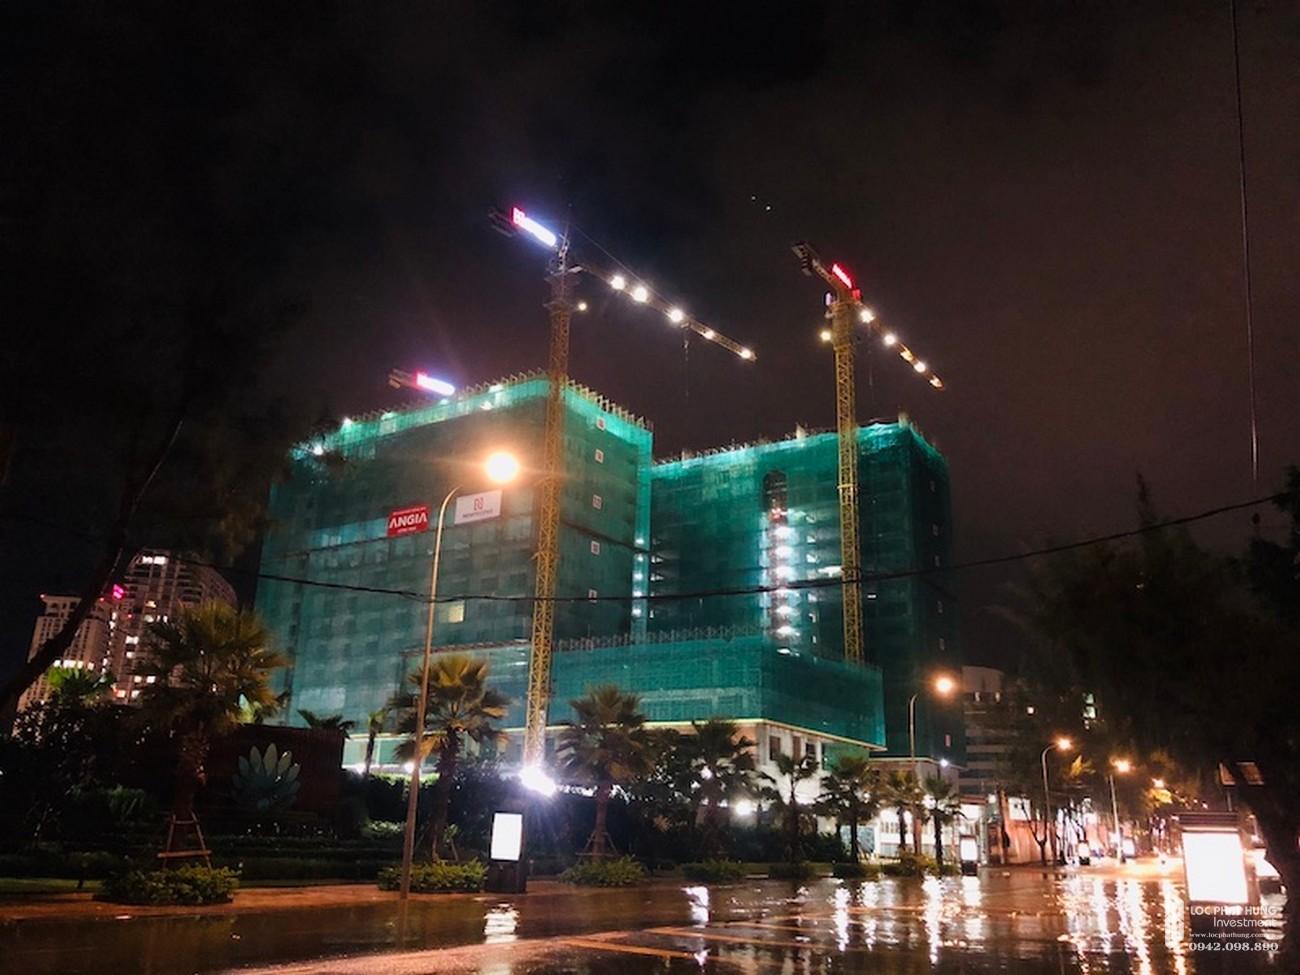 Tiến độ dự án căn hộ condotel The Sóng Vũng Tàu Đường Thi Sách chủ đầu tư An Gia Investment tháng 11